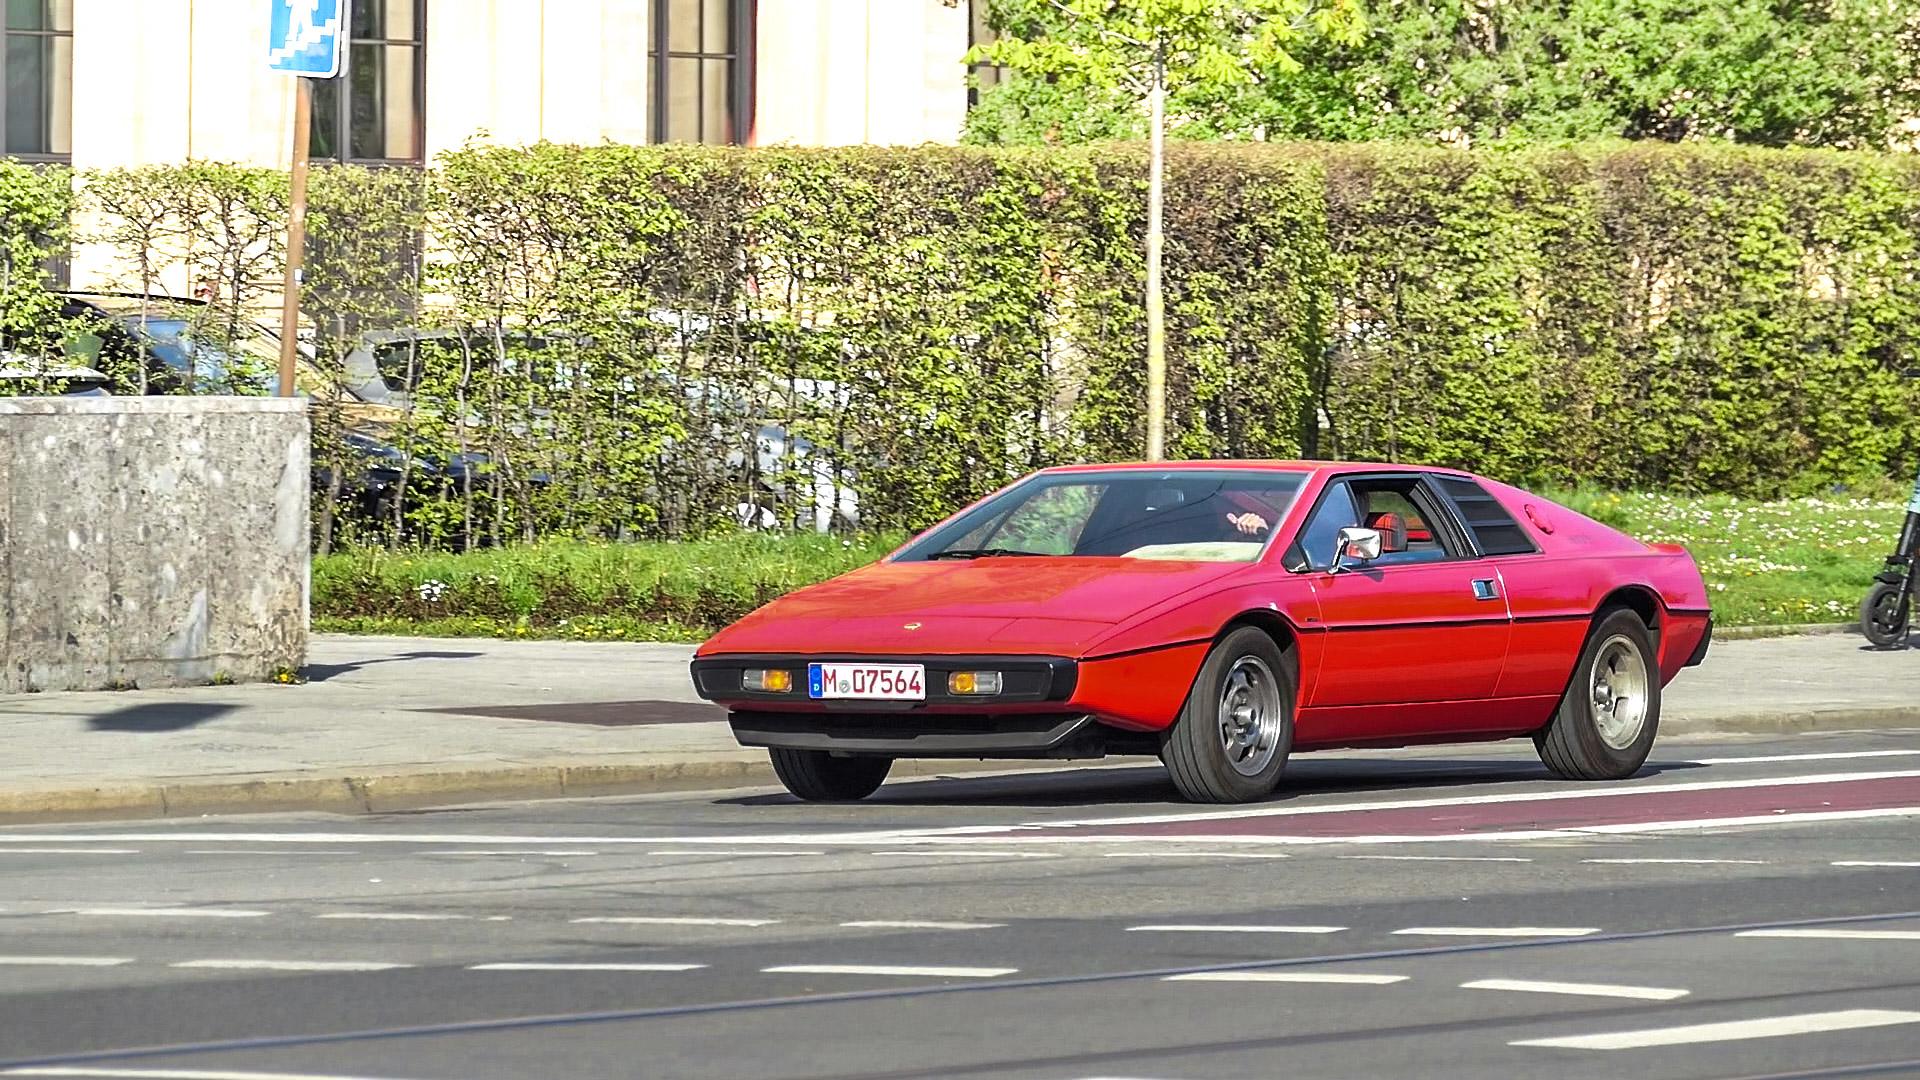 Lotus Esprit - M-07564